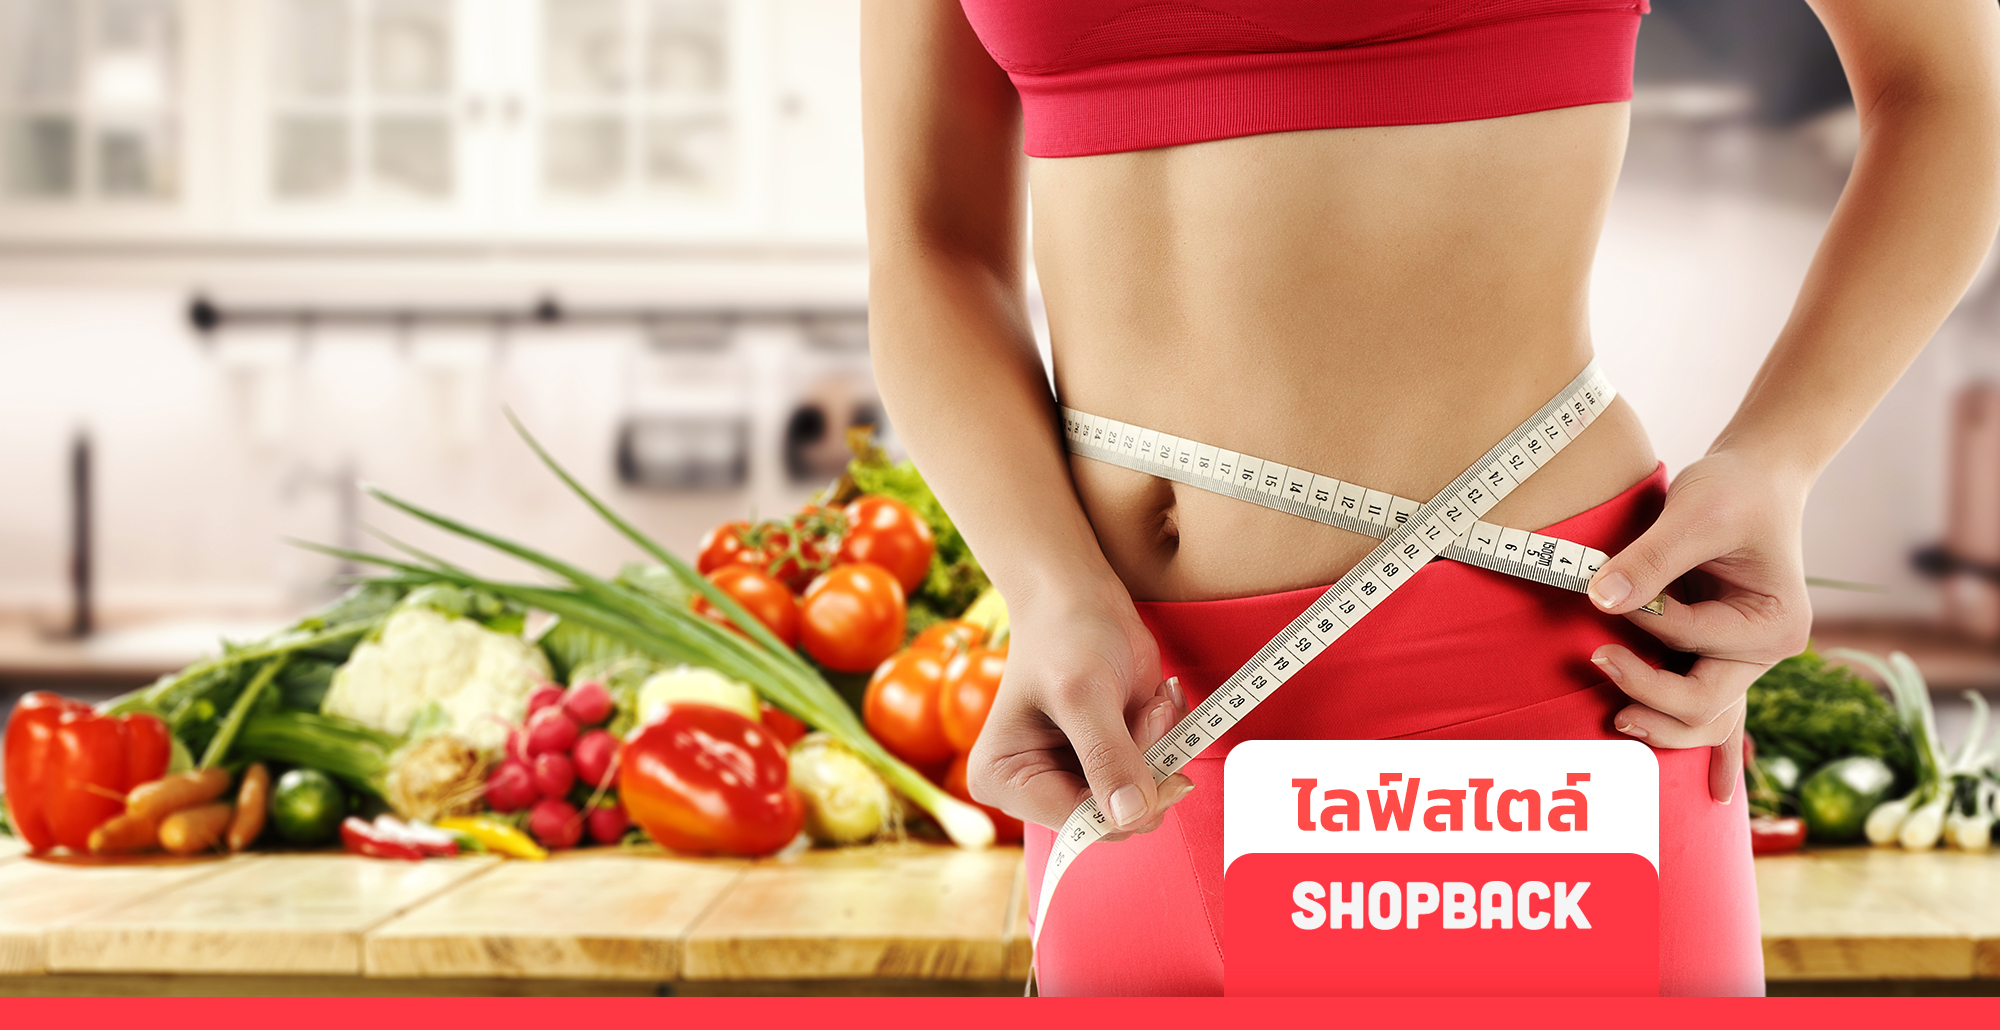 วิธีทำความสะอาดร่างกายเพื่อลดน้ำหนัก